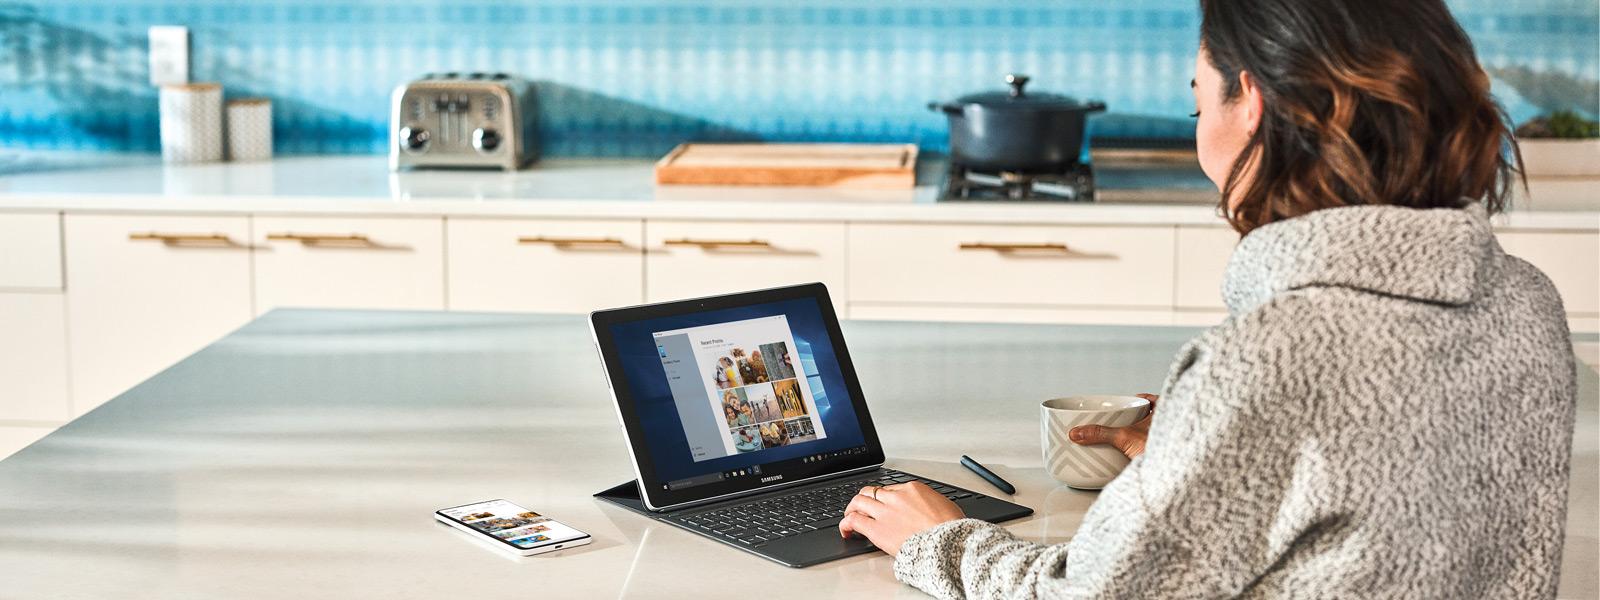 Жінка, що сидить за стійкою та використовує ноутбук із Windows 10 зі своїм мобільним телефоном